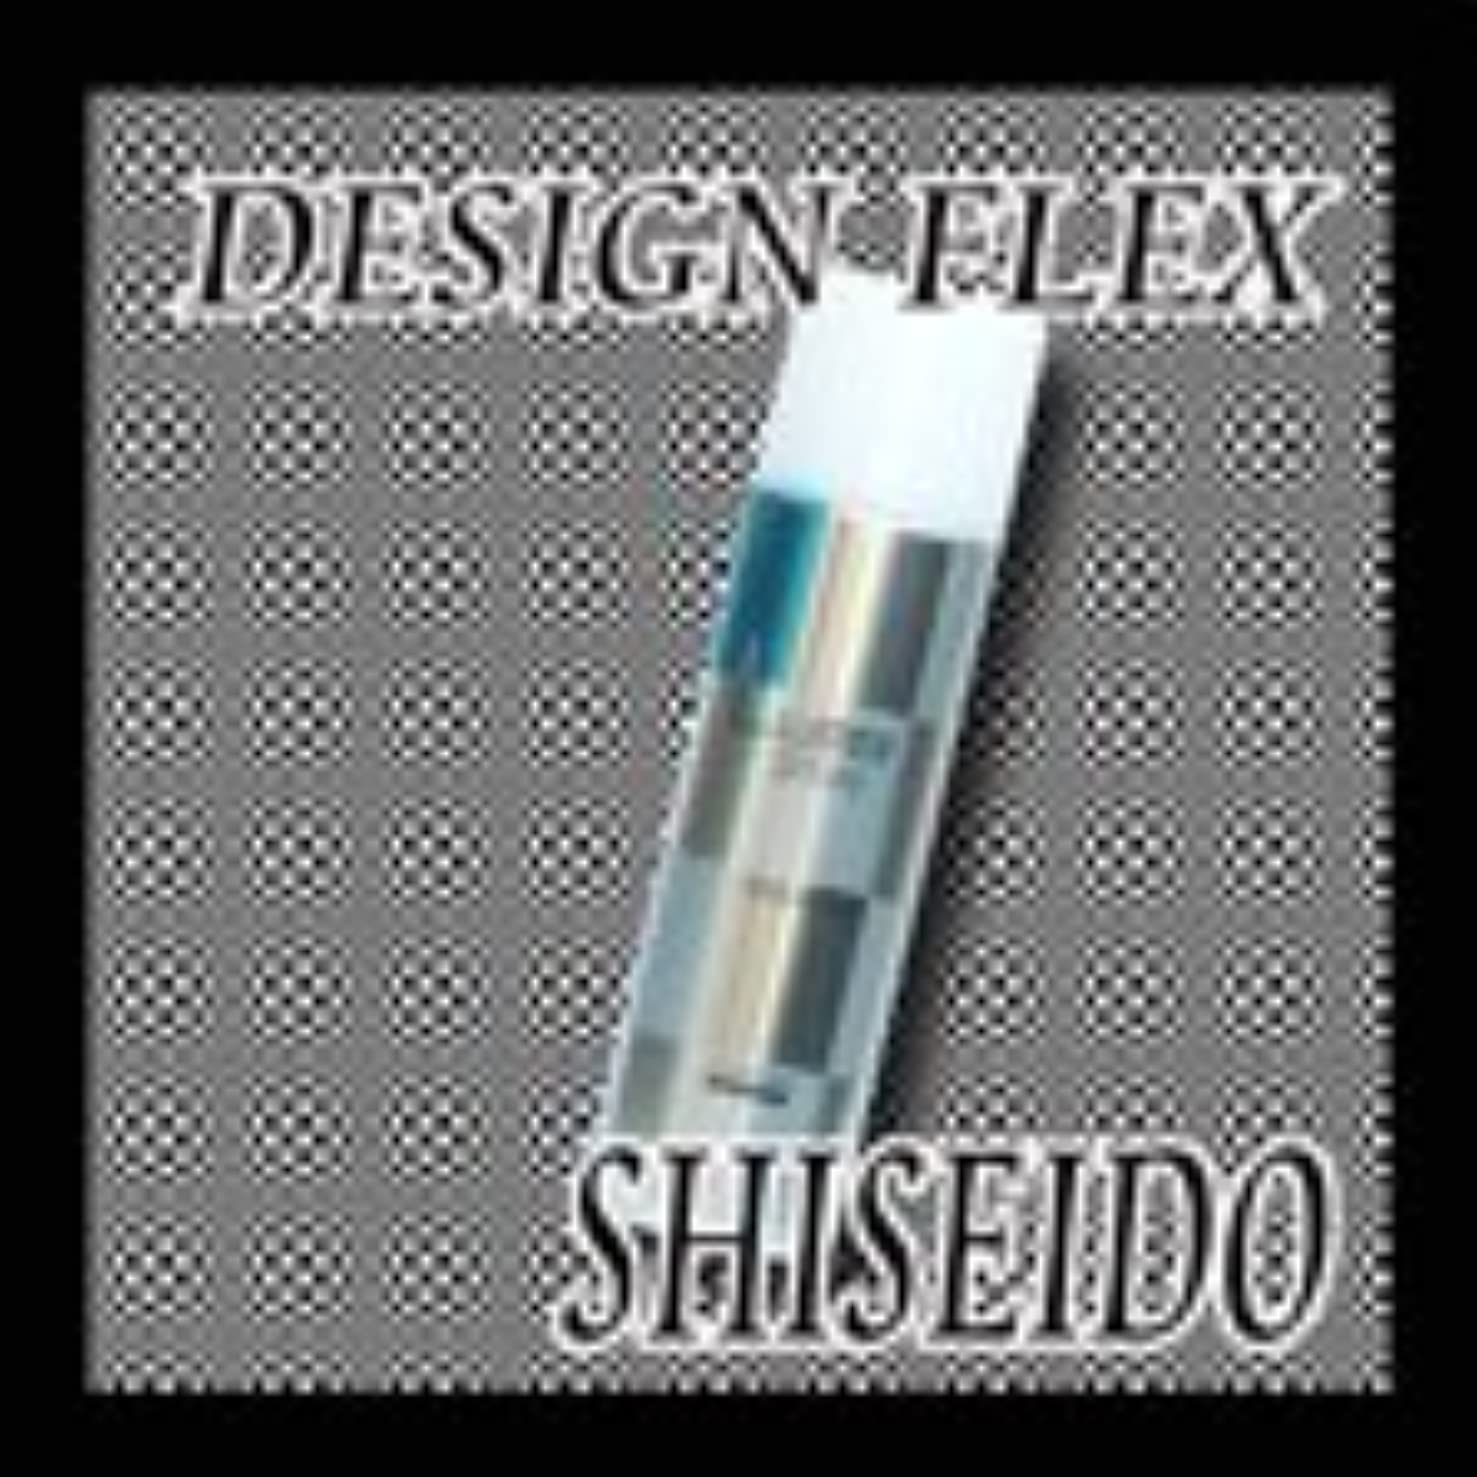 退屈させる雑種ゲージSHISEIDO 資生堂 プロフェッショナル DESIGN FLEX デザインフレックス ラスタースプレー215g